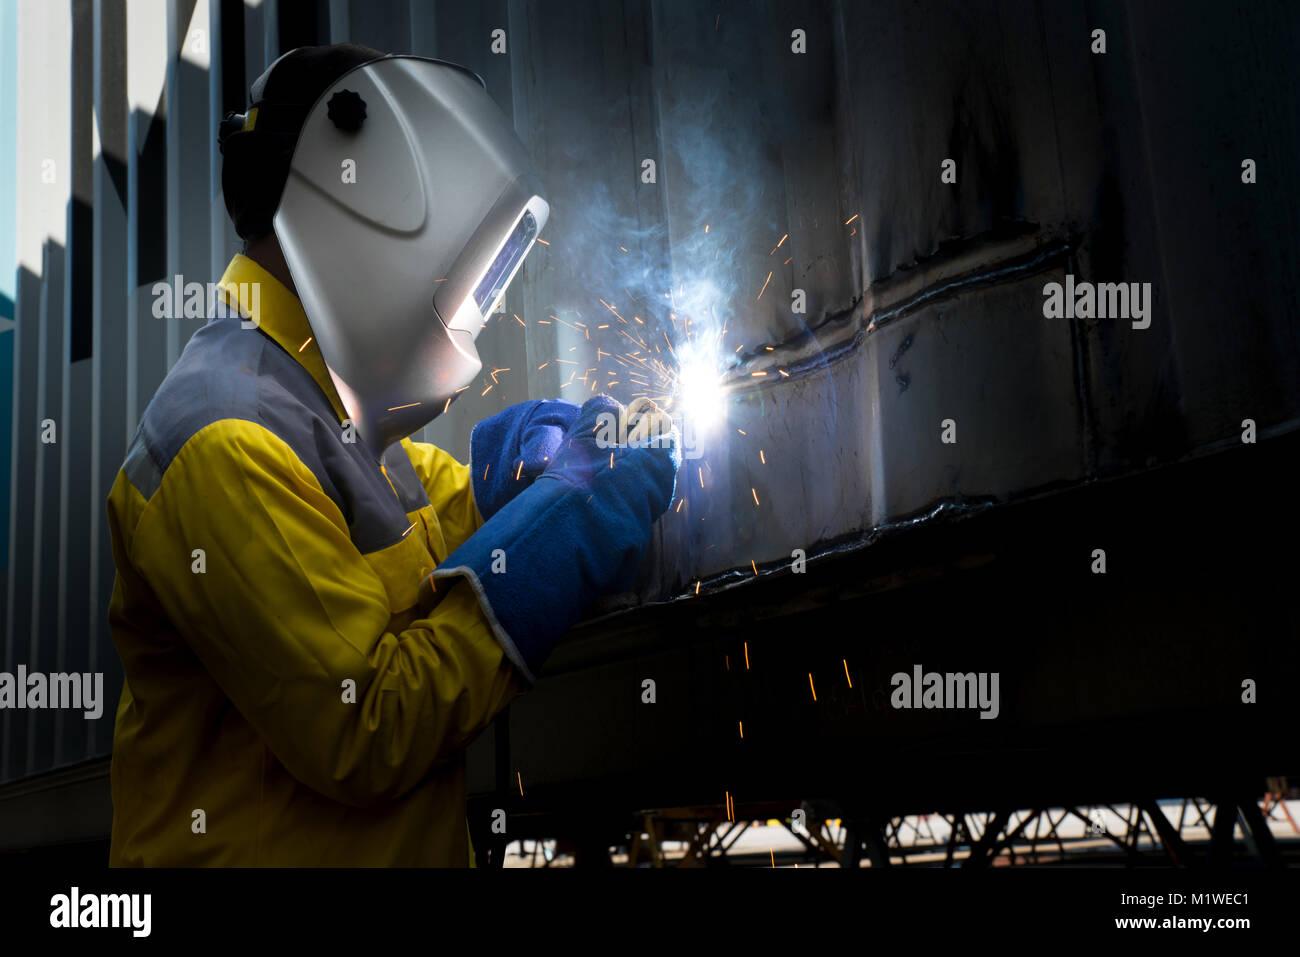 Trabajador de la industria del acero con soldadura de reparación de estructuras de contenedor taller de fabricación. Imagen De Stock